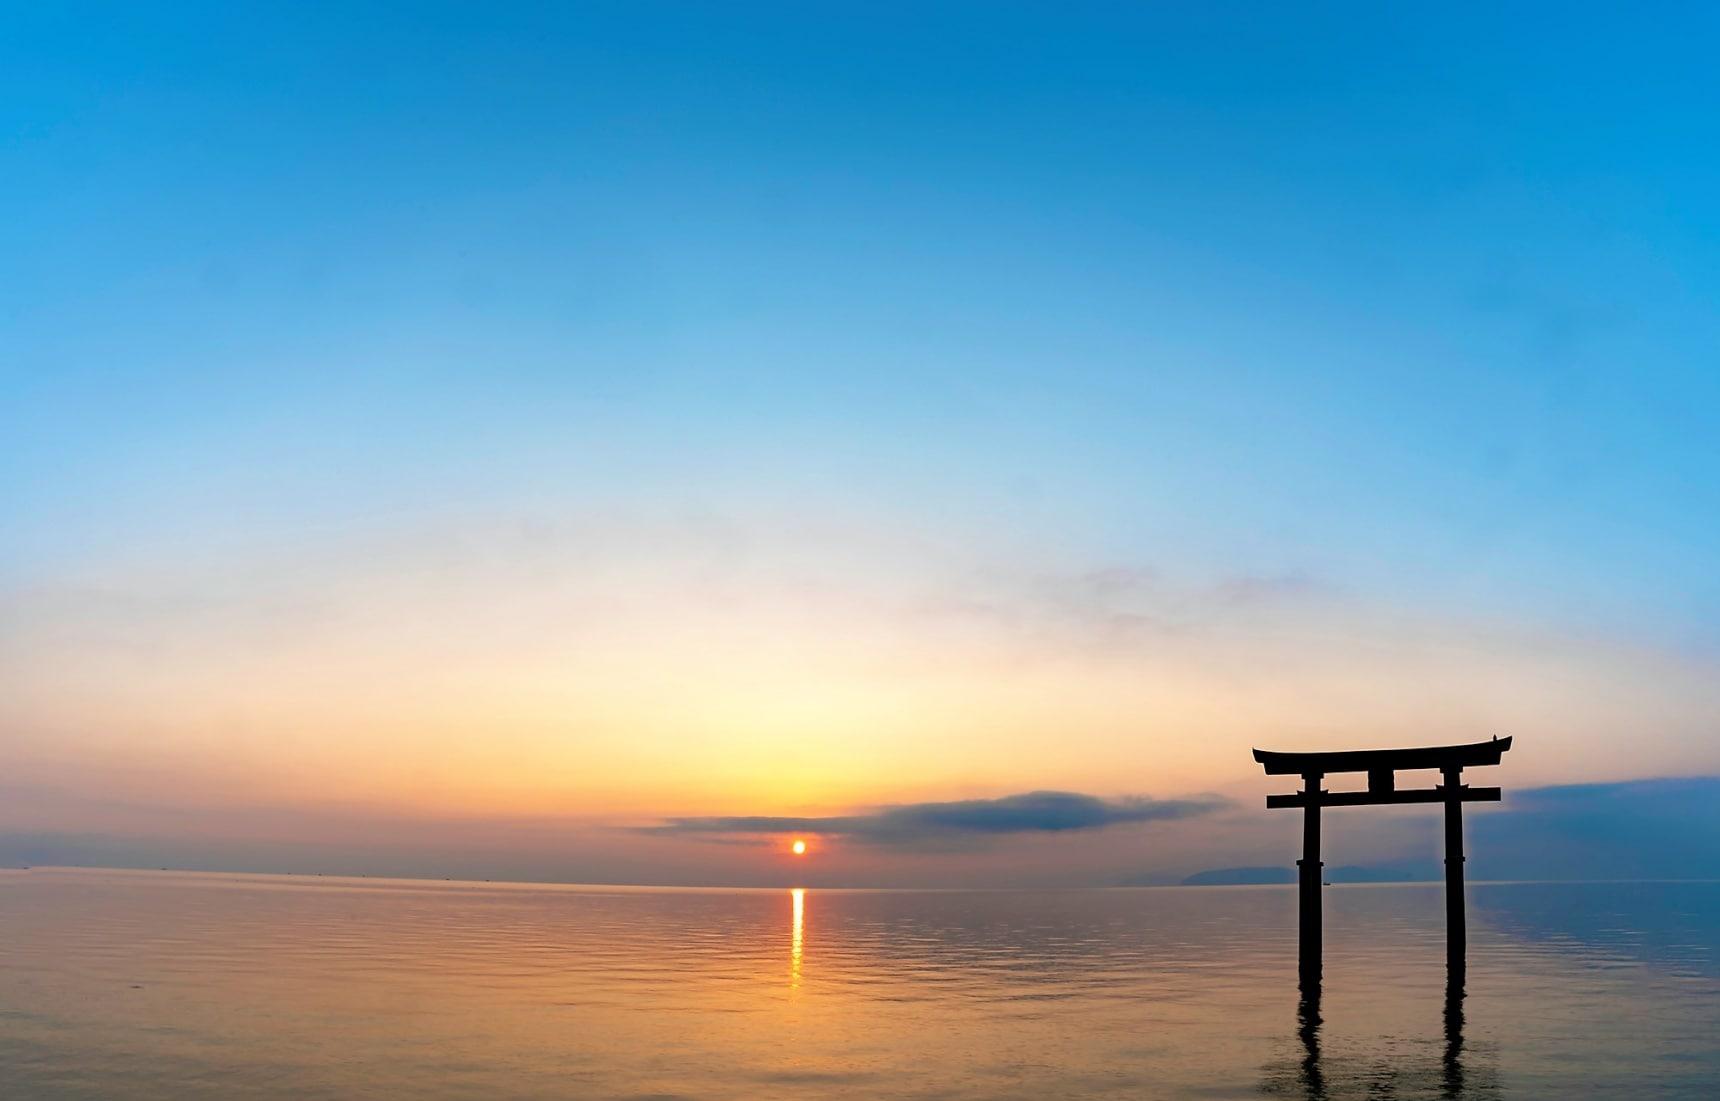 【關西自由行】京都出發一日小旅行!滋賀・佐川美術館×白鬚神社~琵琶湖周邊的現代與傳統美學之旅